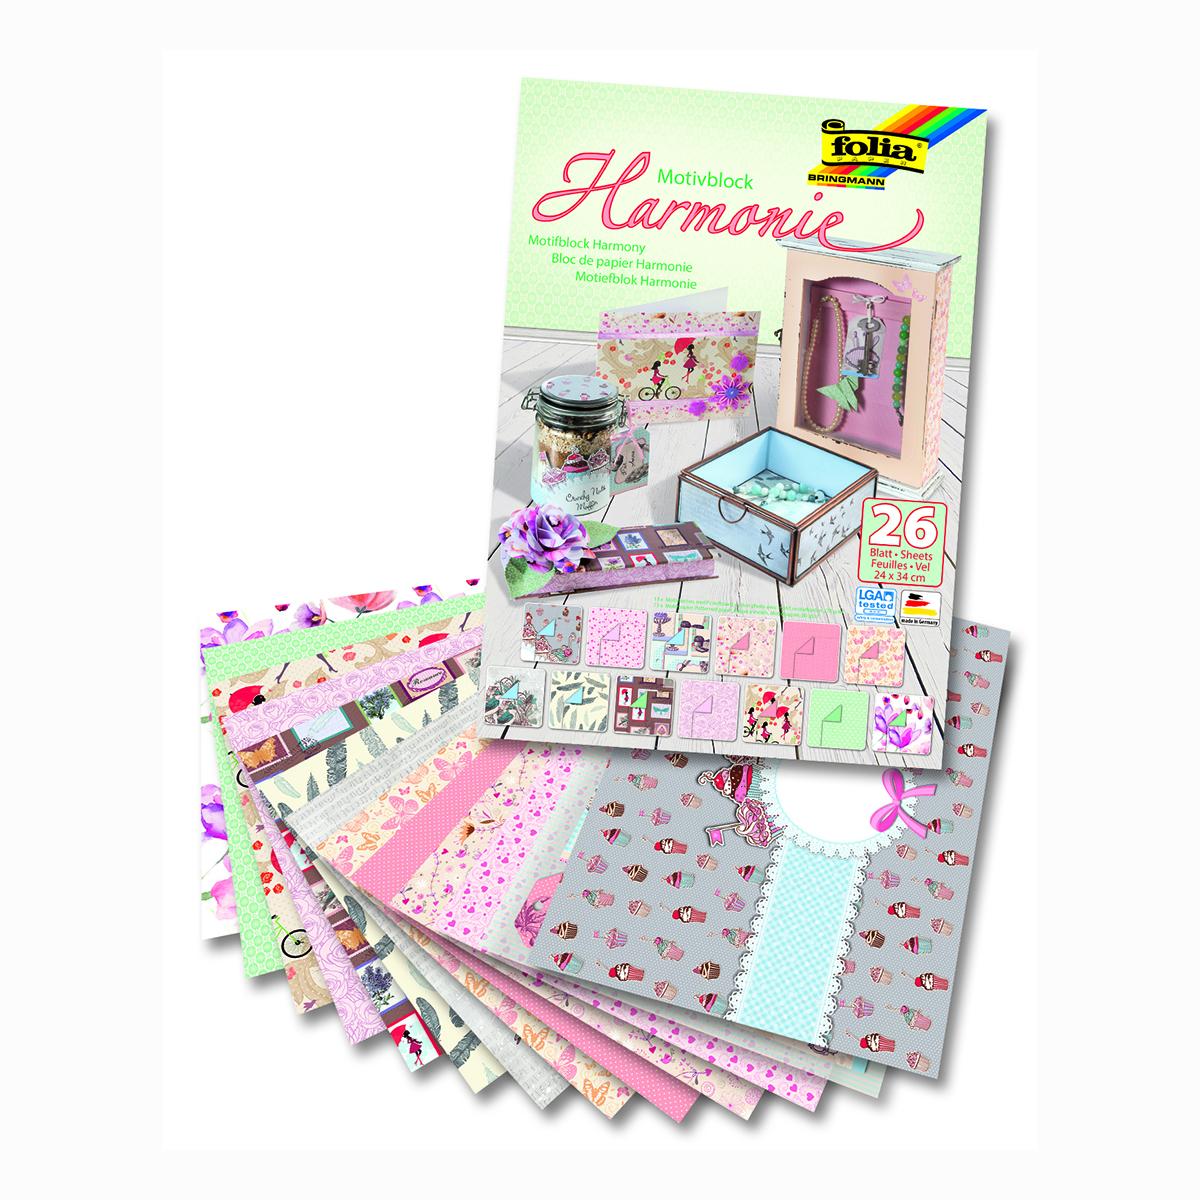 Набор дизайнерского картона Folia  Гармония , 24 х 34 см, 26 листов -  Бумага и бумажная продукция